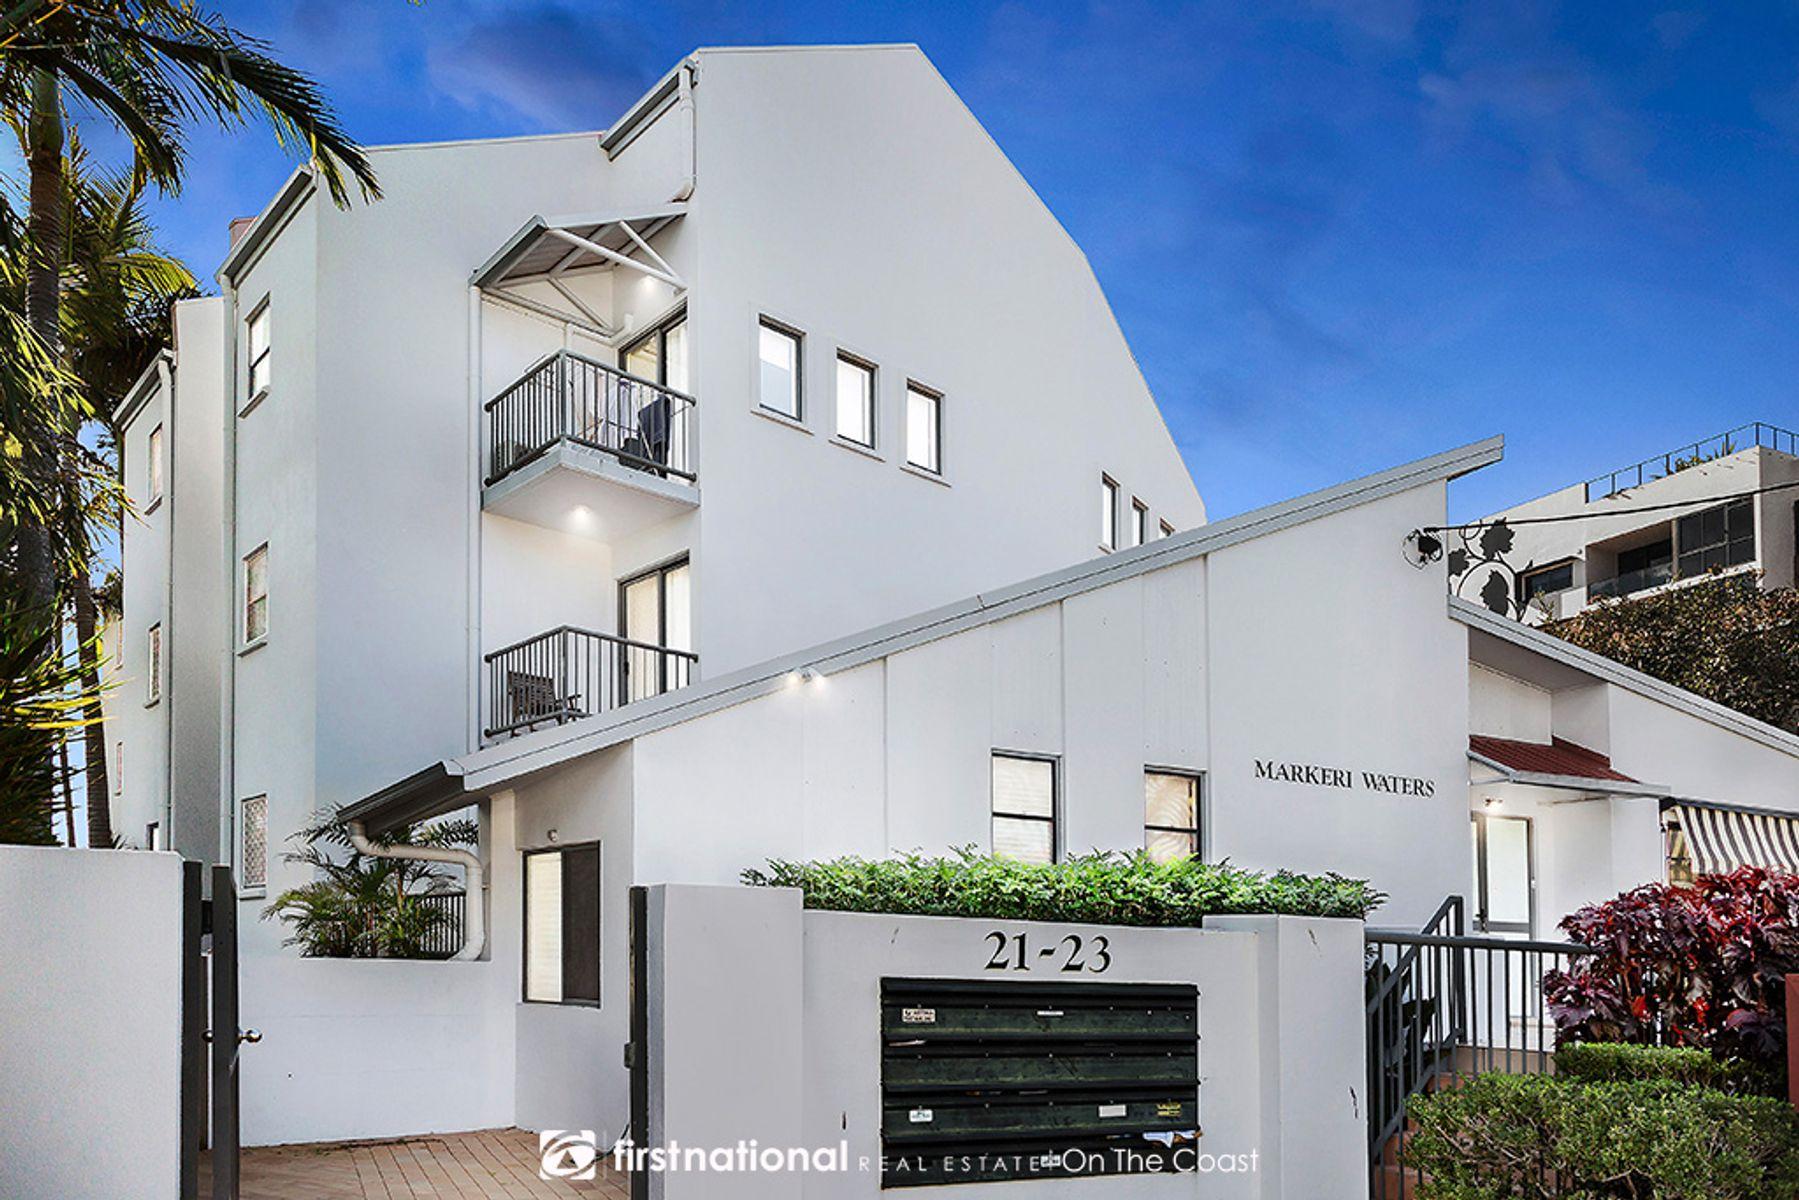 18/21 Markeri Street, Mermaid Beach, QLD 4218